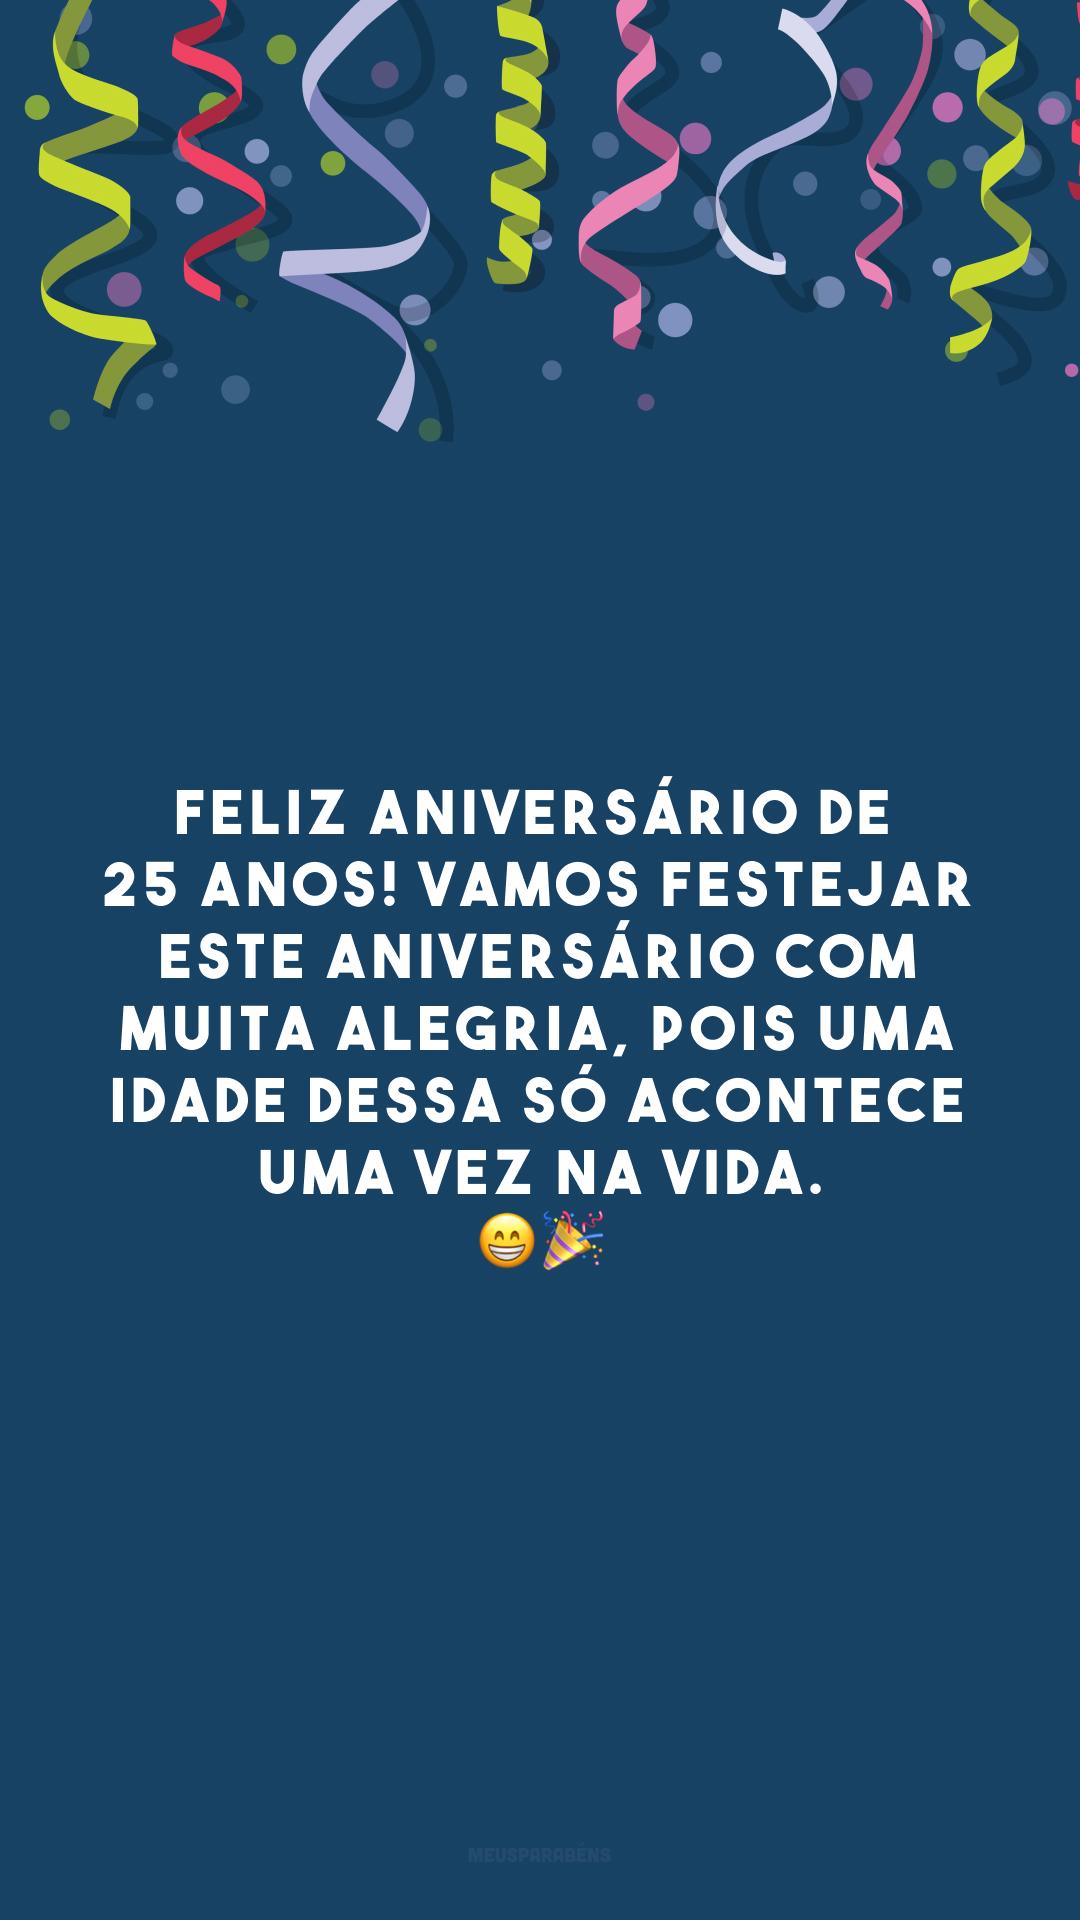 Feliz aniversário de 25 anos! Vamos festejar este aniversário com muita alegria, pois uma idade dessa só acontece uma vez na vida. 😁🎉